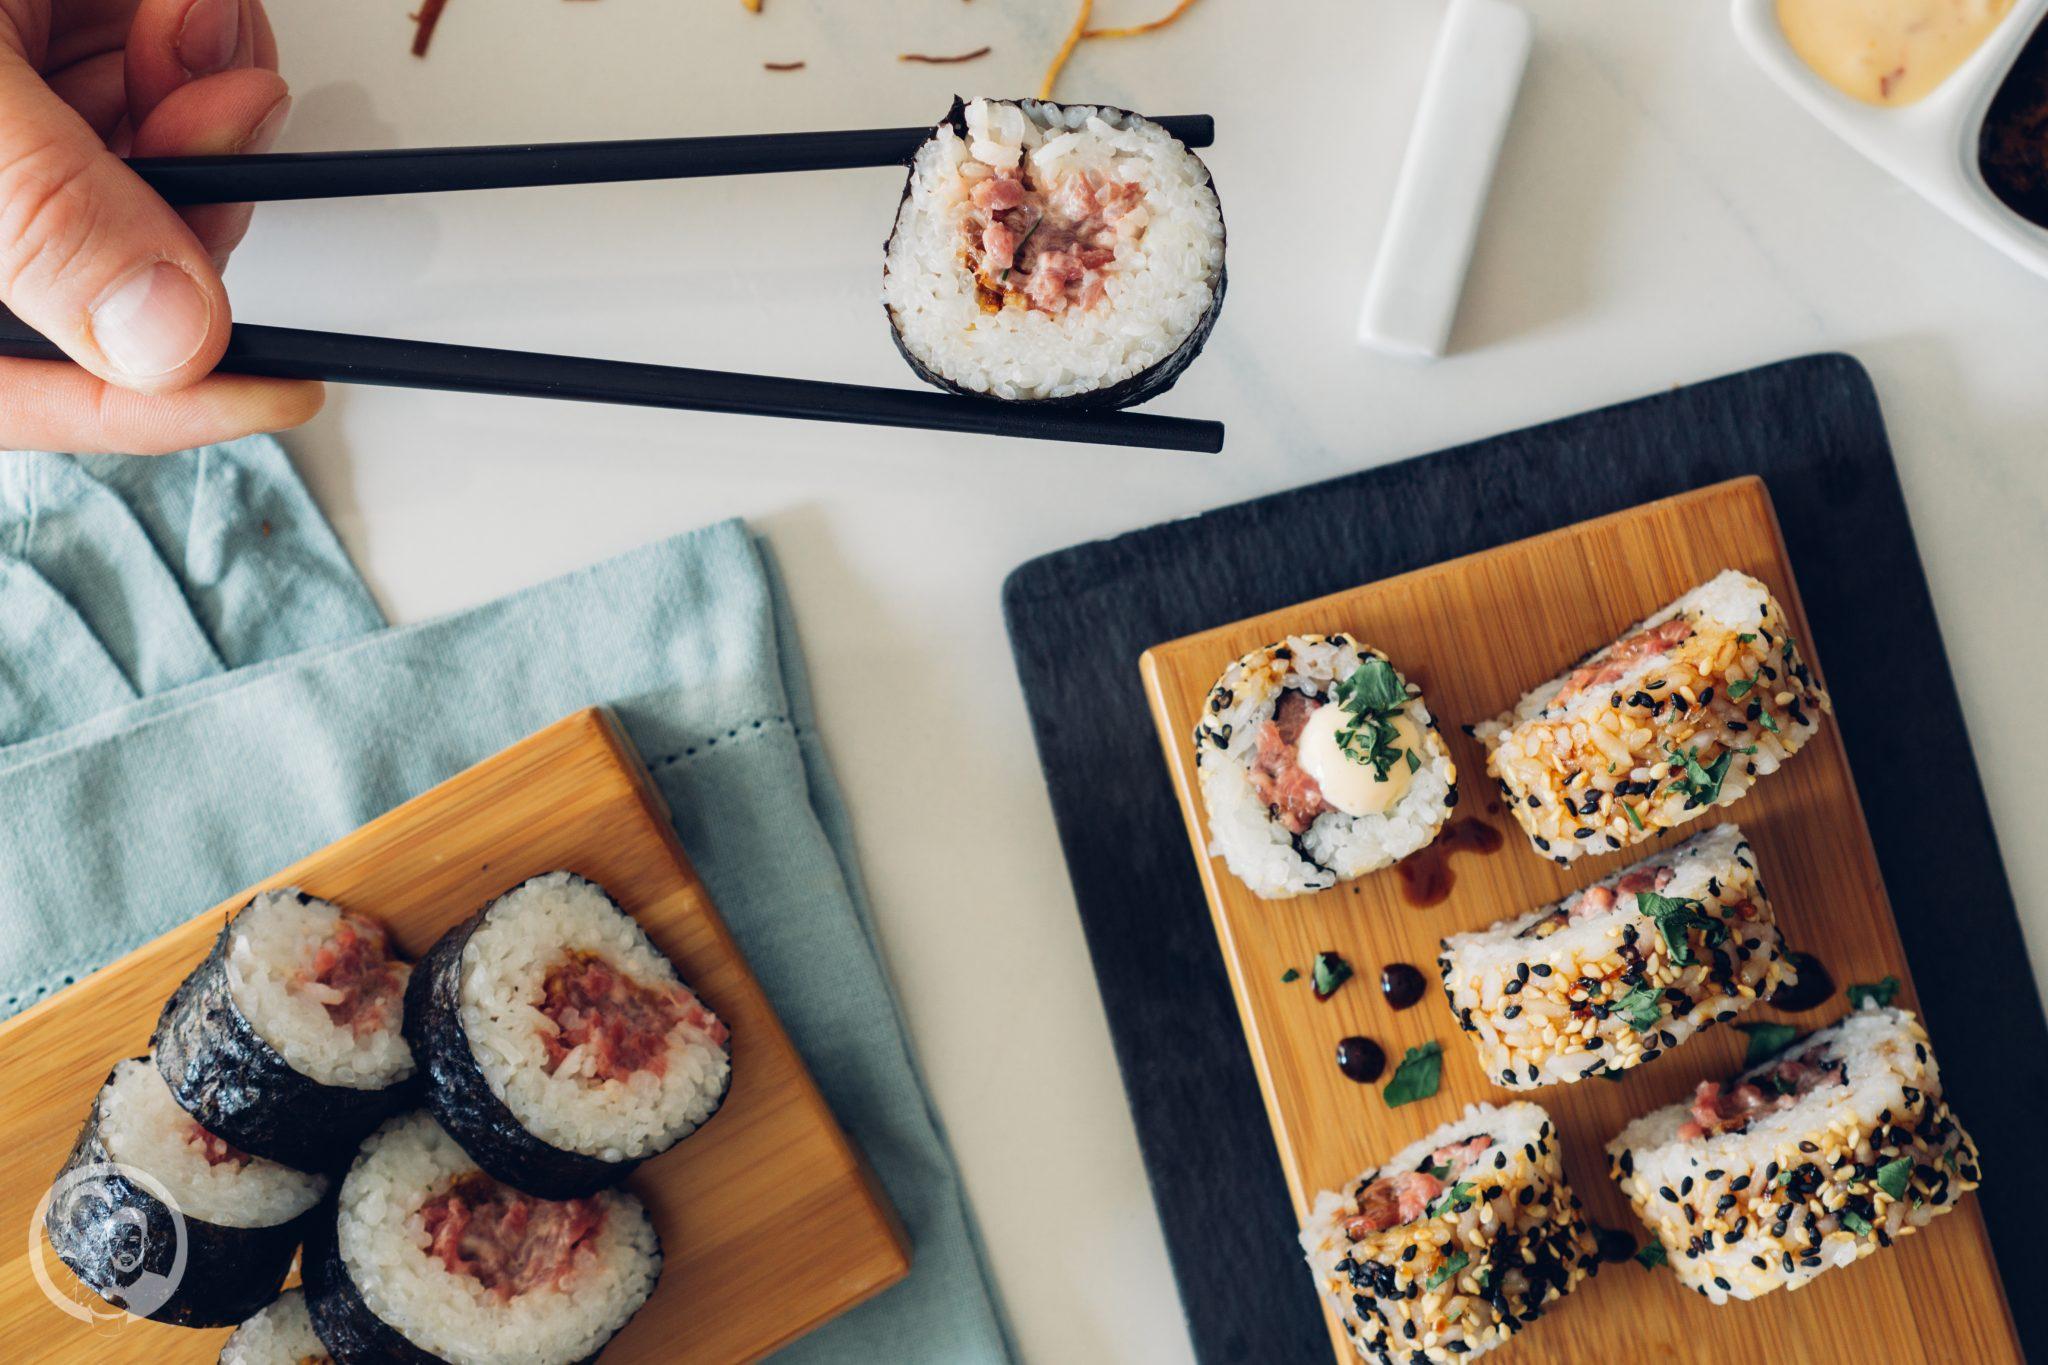 Sushi 2   Heute möchten wir euch von einem Foodie-Tag der Extraklasse durch Marburg berichten, dass ist nämlich schon lange überfällig. Die Vila Vita Marburghat gemeinsam mit Cat von Schlemmerkatze zum Schlemmertag gerufen und da sagen wir definitiv nicht nein zu.Die Vila Vita kennen wir ja schon seit der Landpartie im letzten Jahr und im Märzdurften wir den Genusstempel in seiner ganzen Vielfalt erleben. Zum Abschluss wurde dann auch noch gemeinsam gekocht und unseren Favorit von diesem Abend, stellen wir euch heute vor - Spicy Tartar Roll!